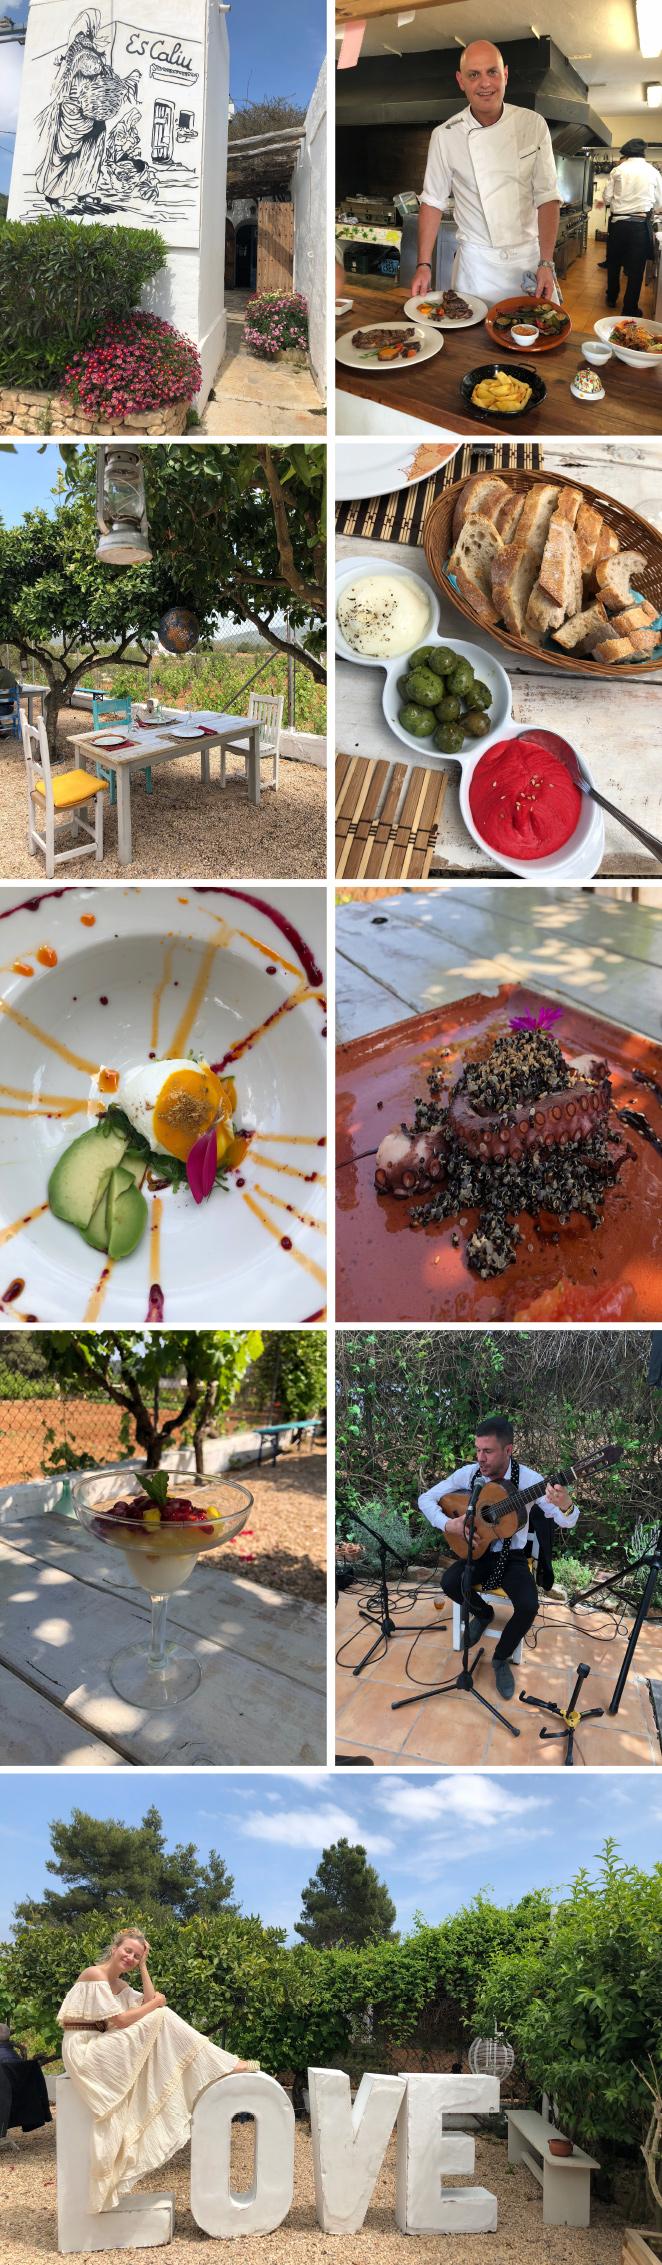 Escaliu Ibiza. Otro restaurante con mucho encanto para disfrutar de auténtica comida payesa y donde los fines de semana ponen música en vivo